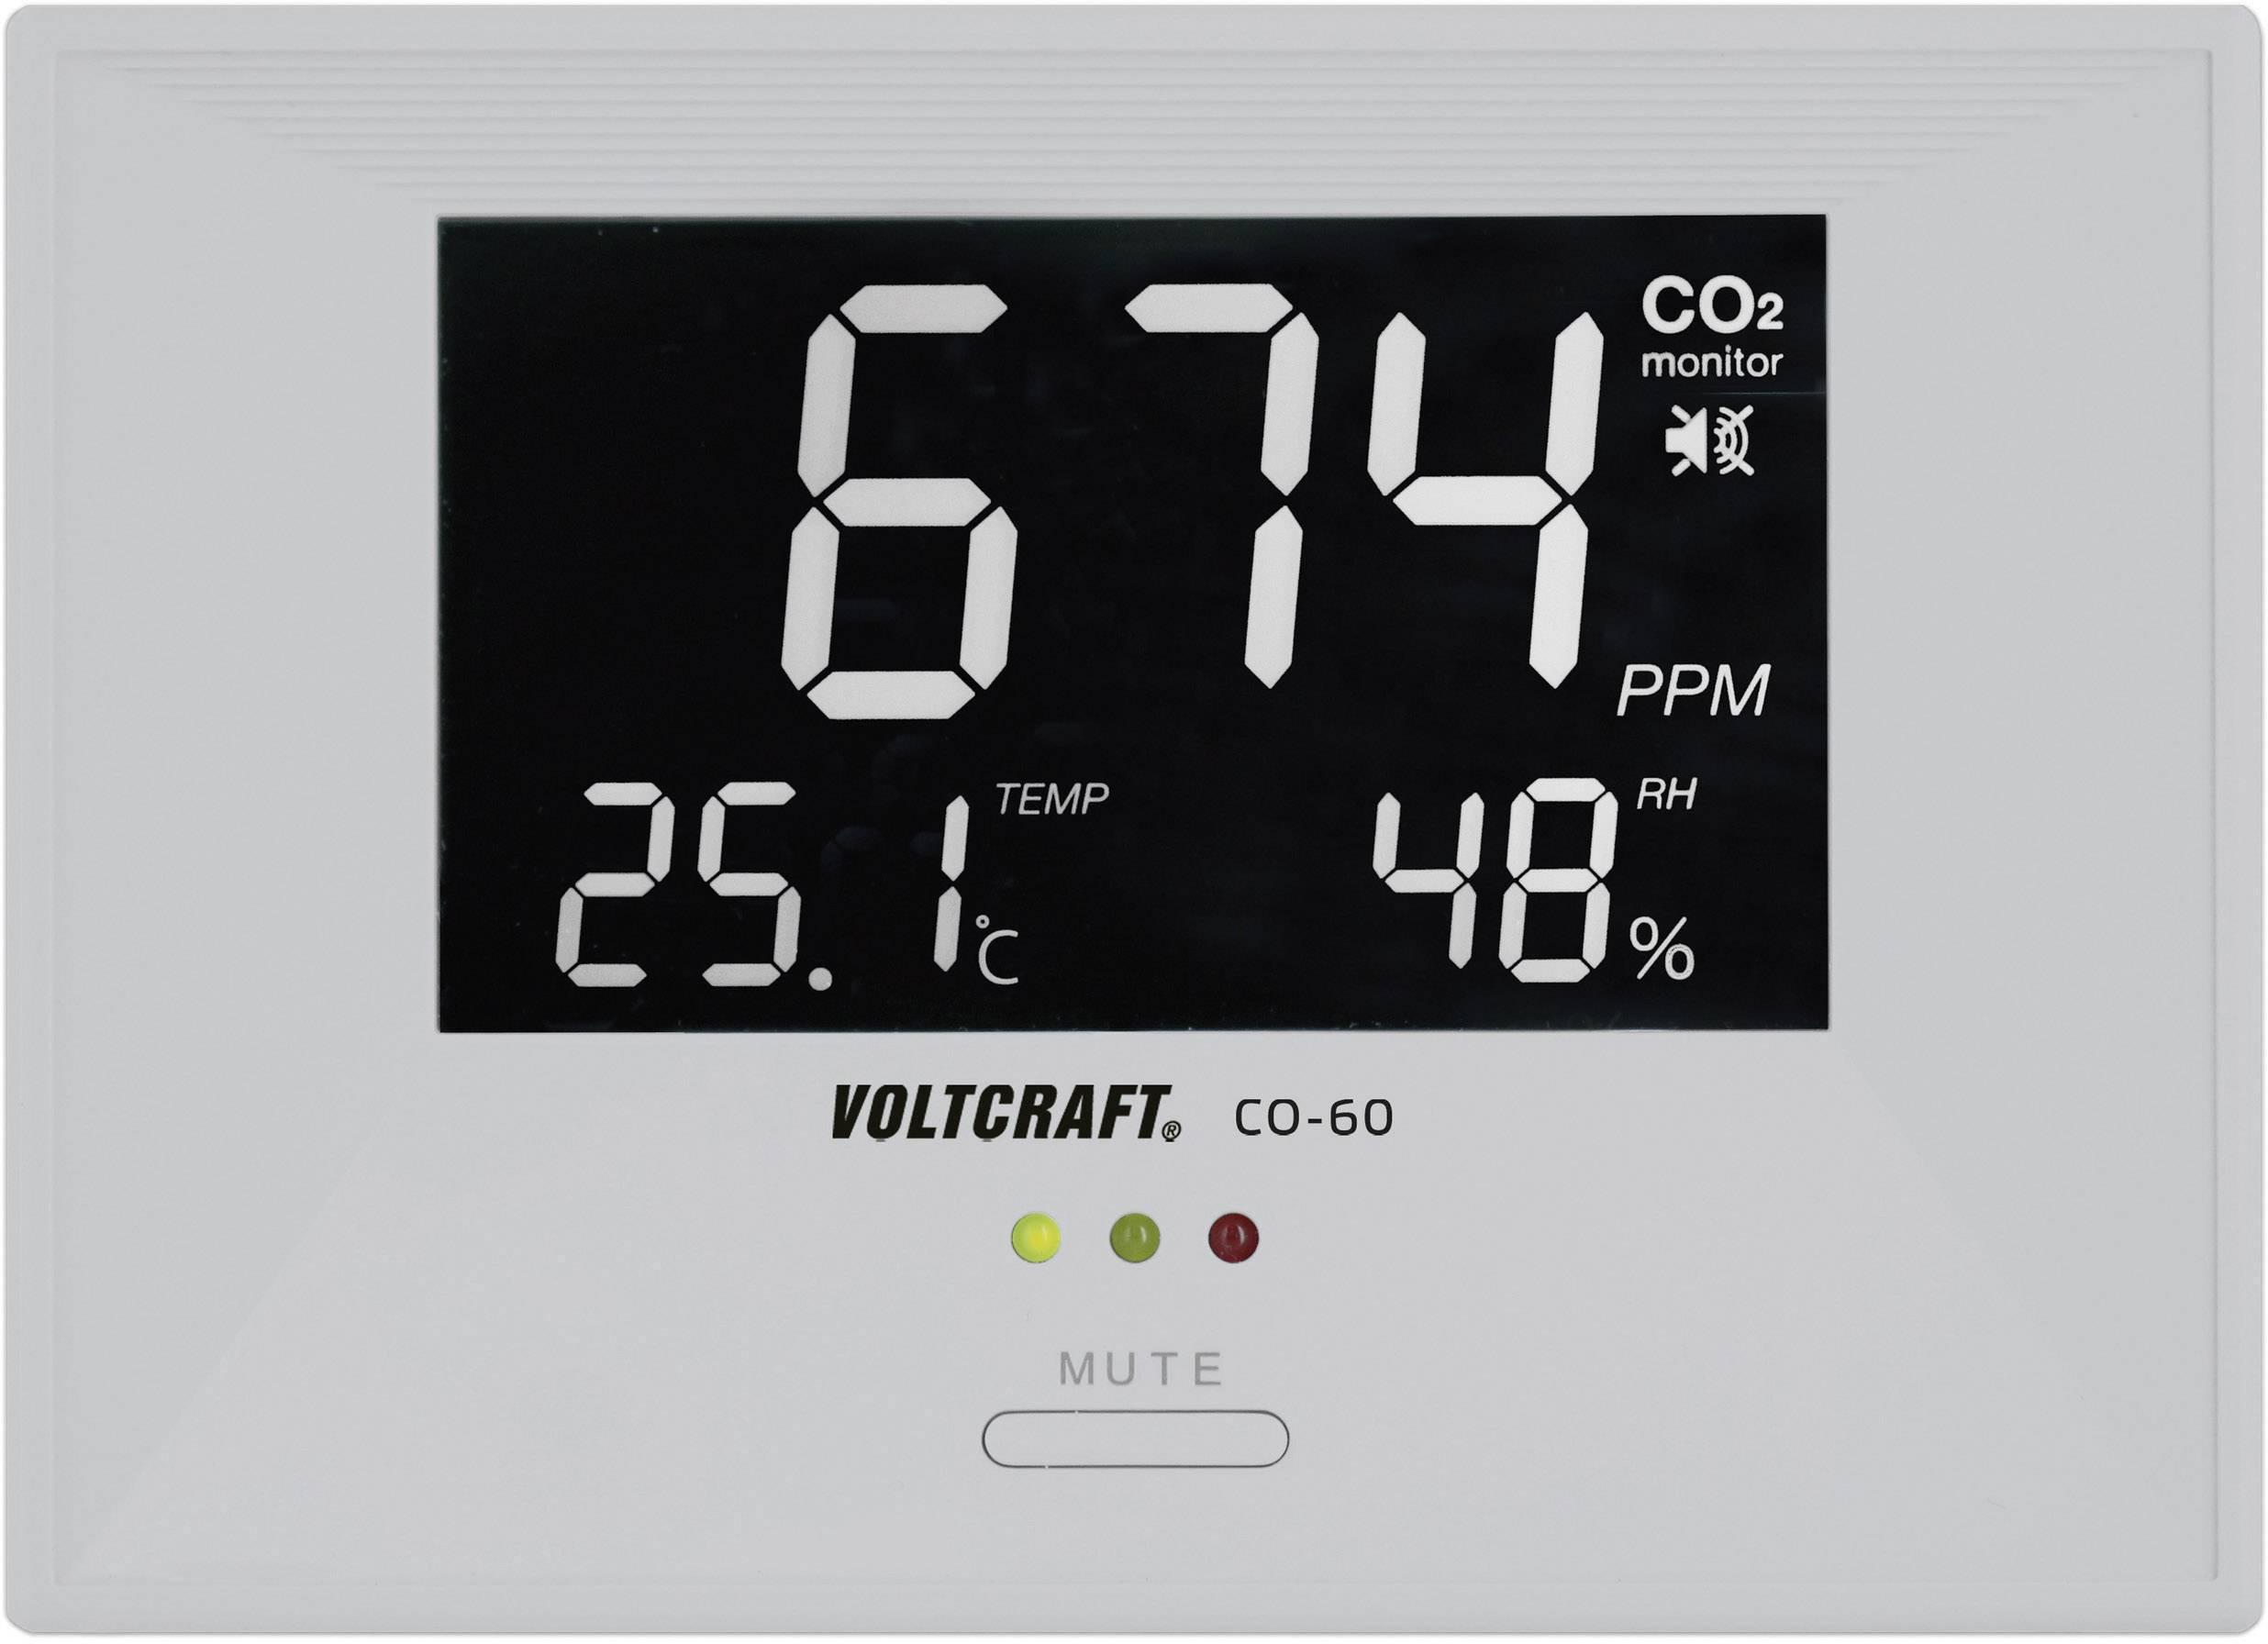 Merač oxidu uhličitého (CO2) VOLTCRAFT CO-60 SE VC-8464270, 0 - 3000 ppm